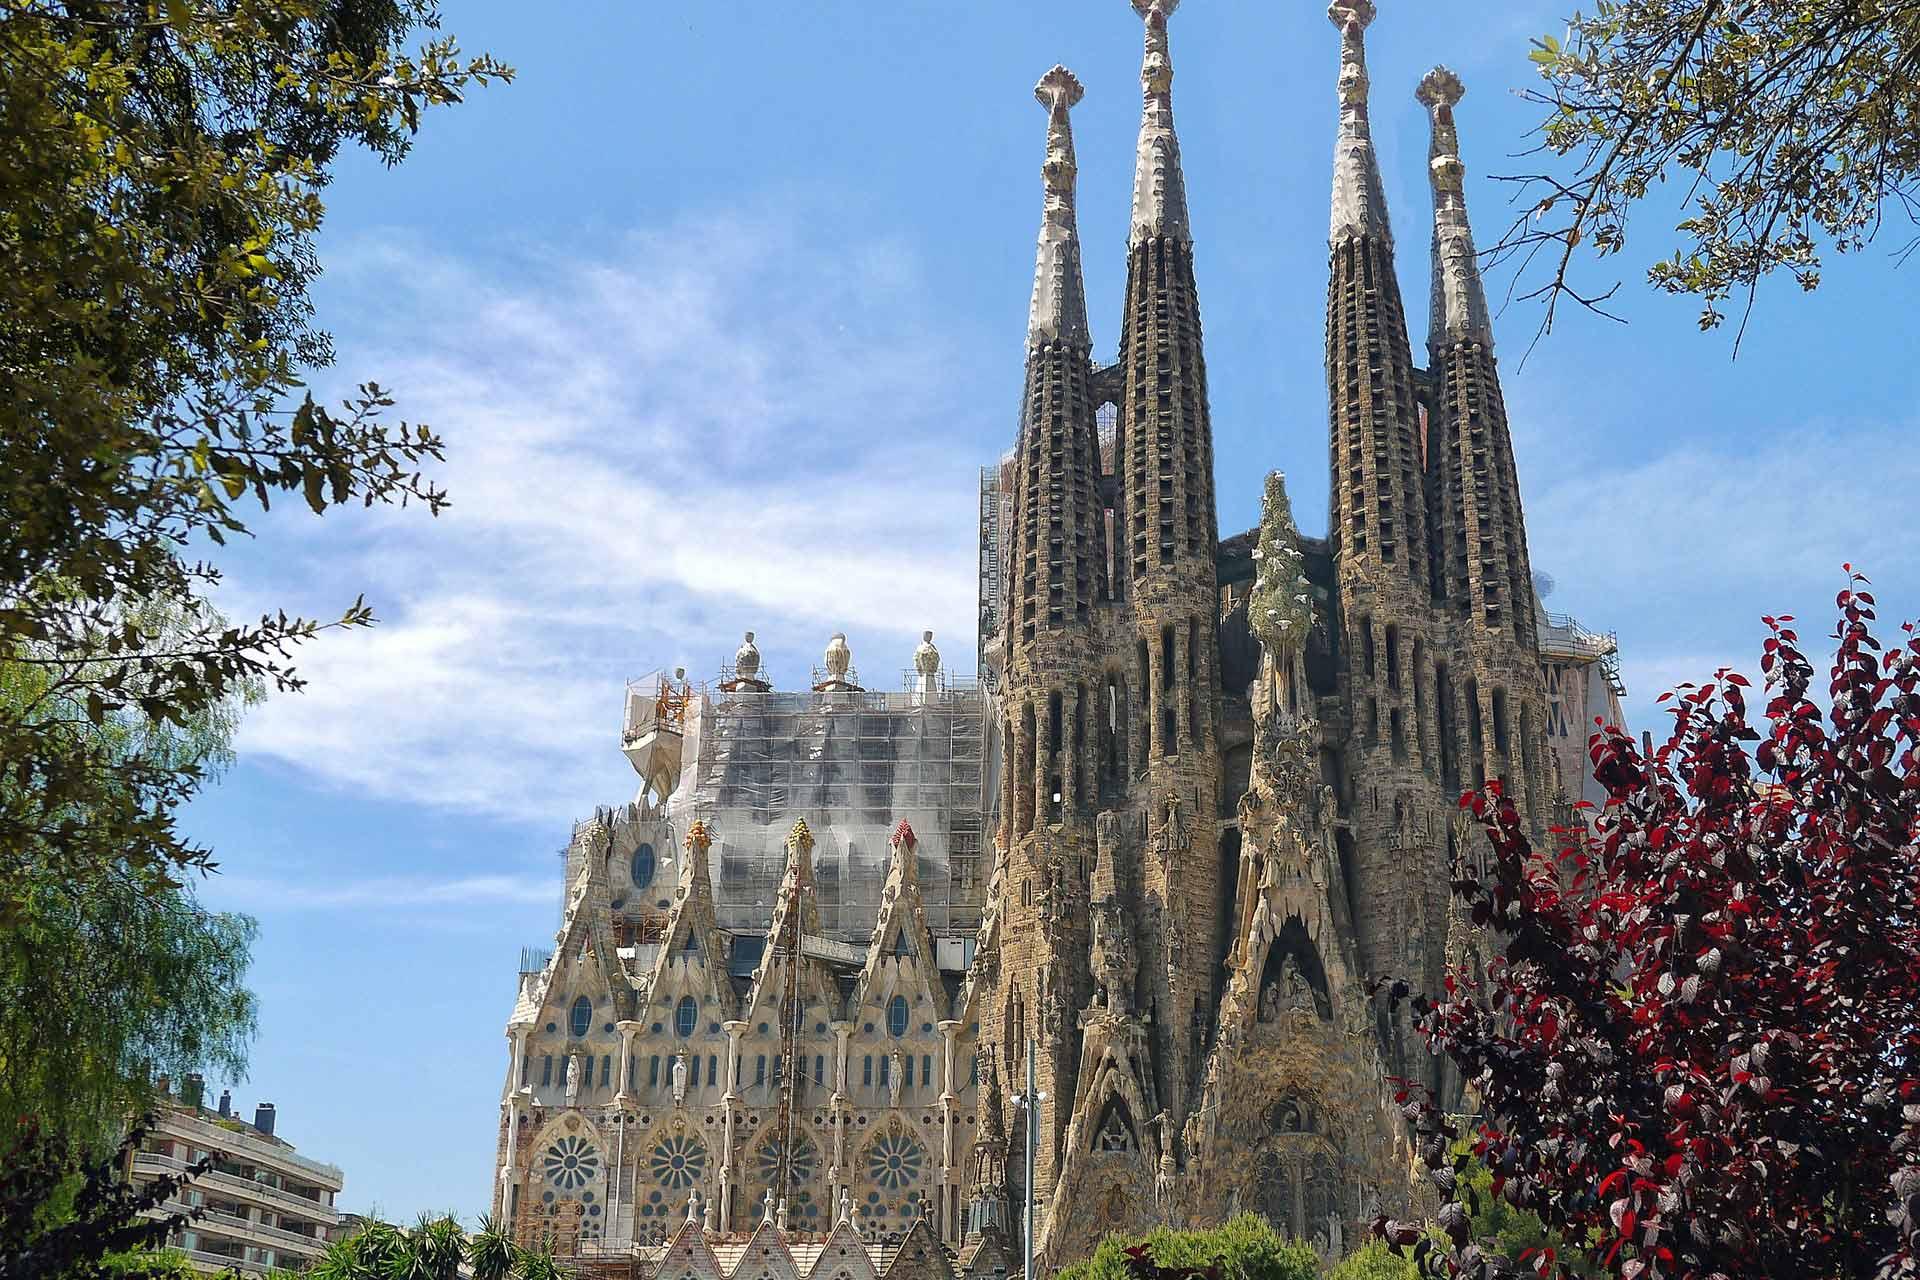 Séjour à Barcelone : 5 Jours dès 169€ avec hôtel 2* et vol AR direct de Lyon